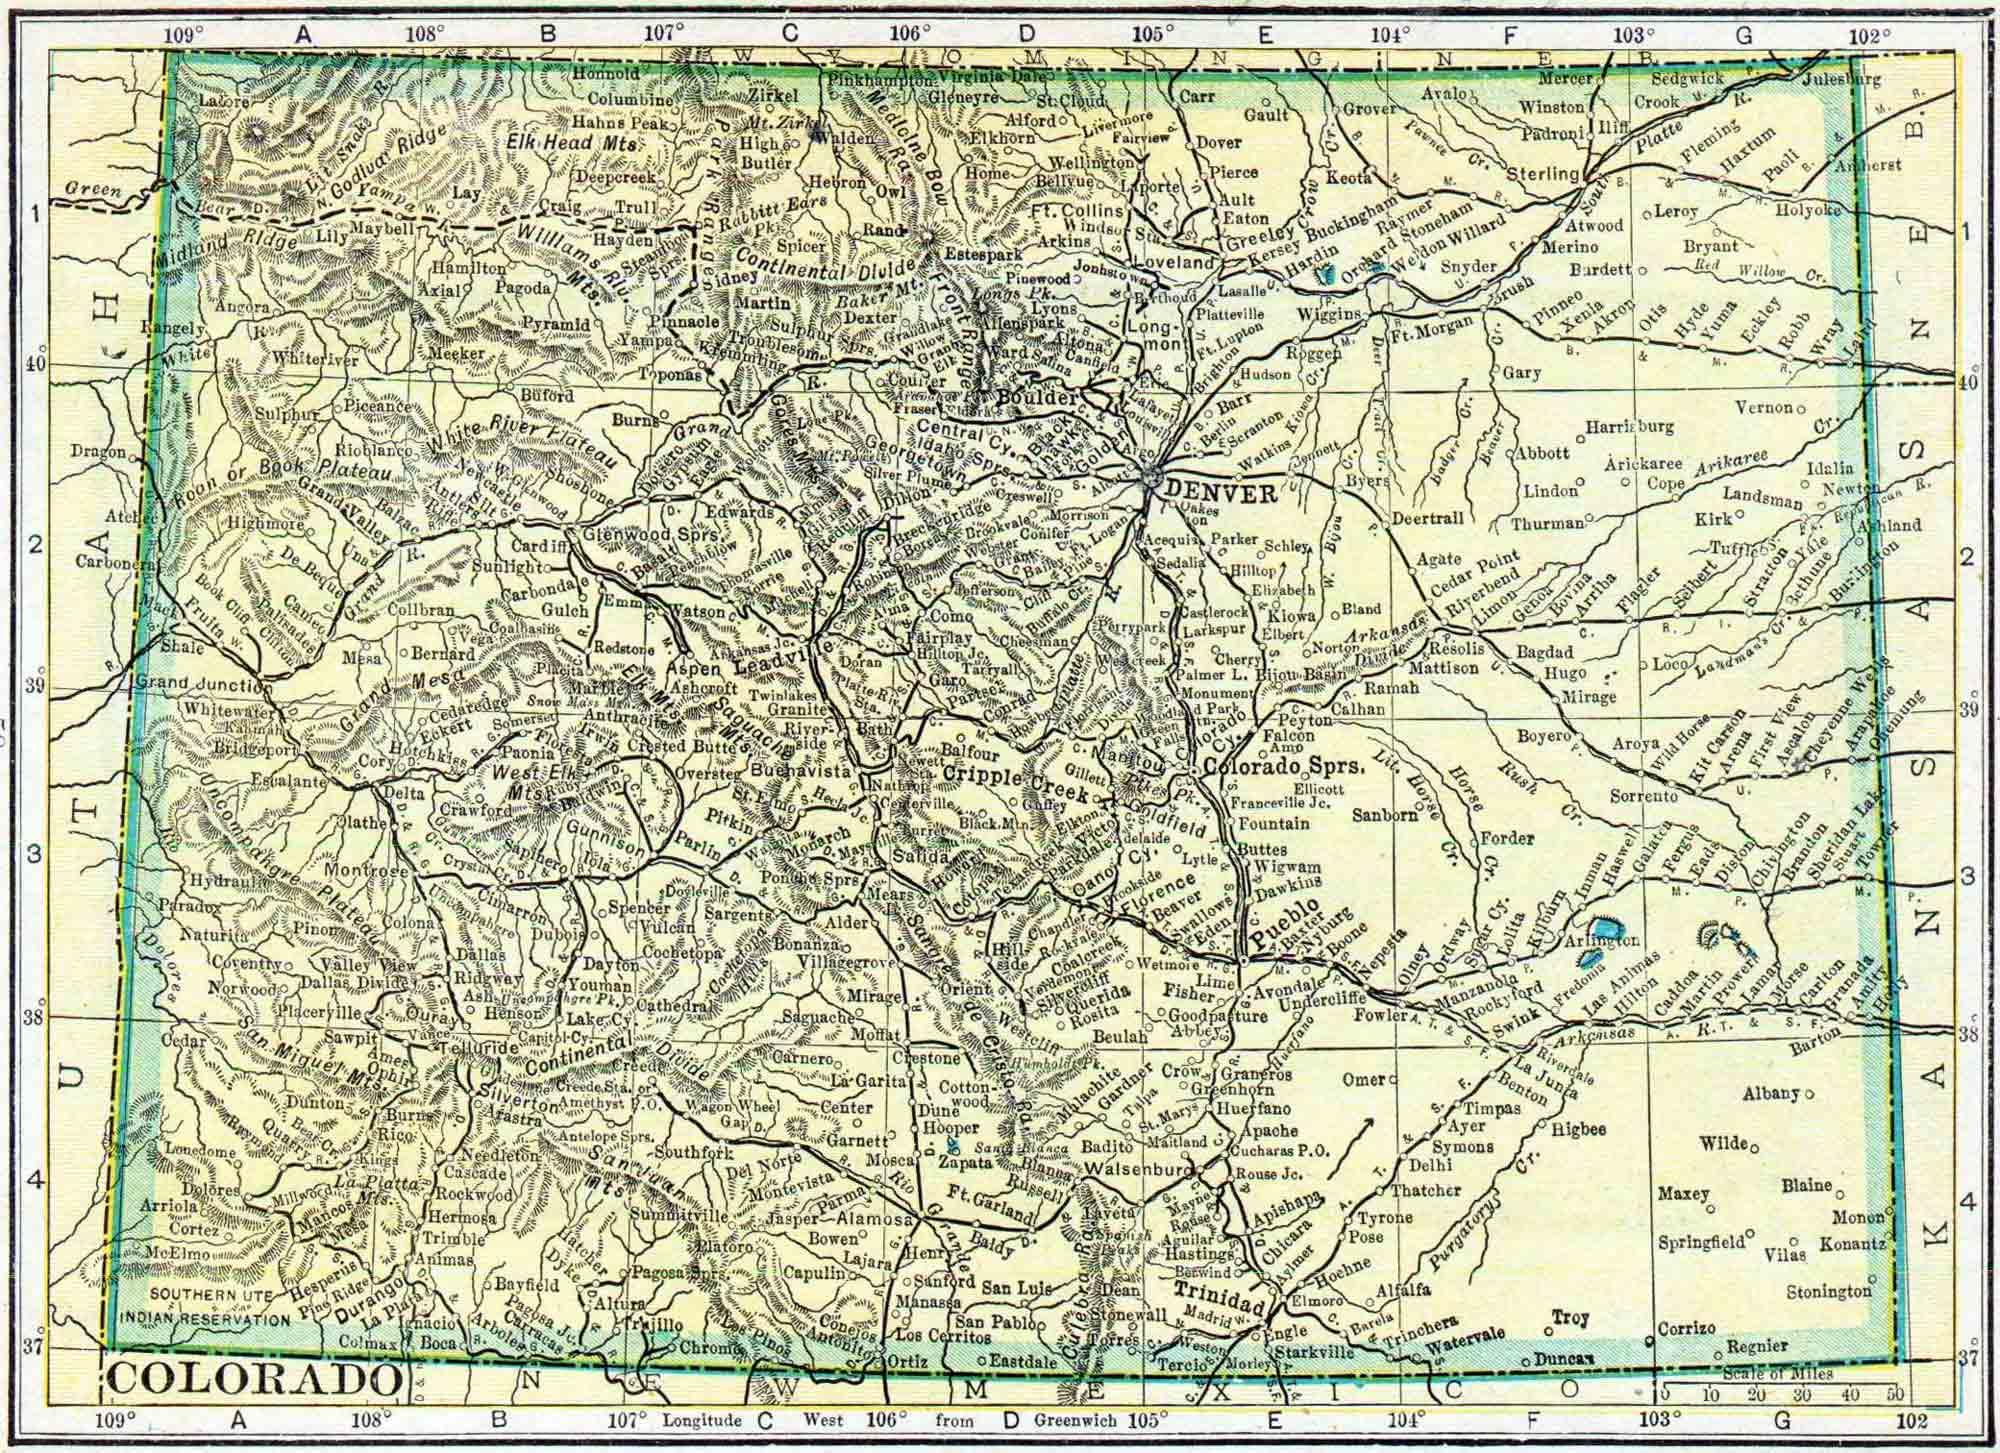 Colorado Census Map Access Genealogy - County maps of colorado